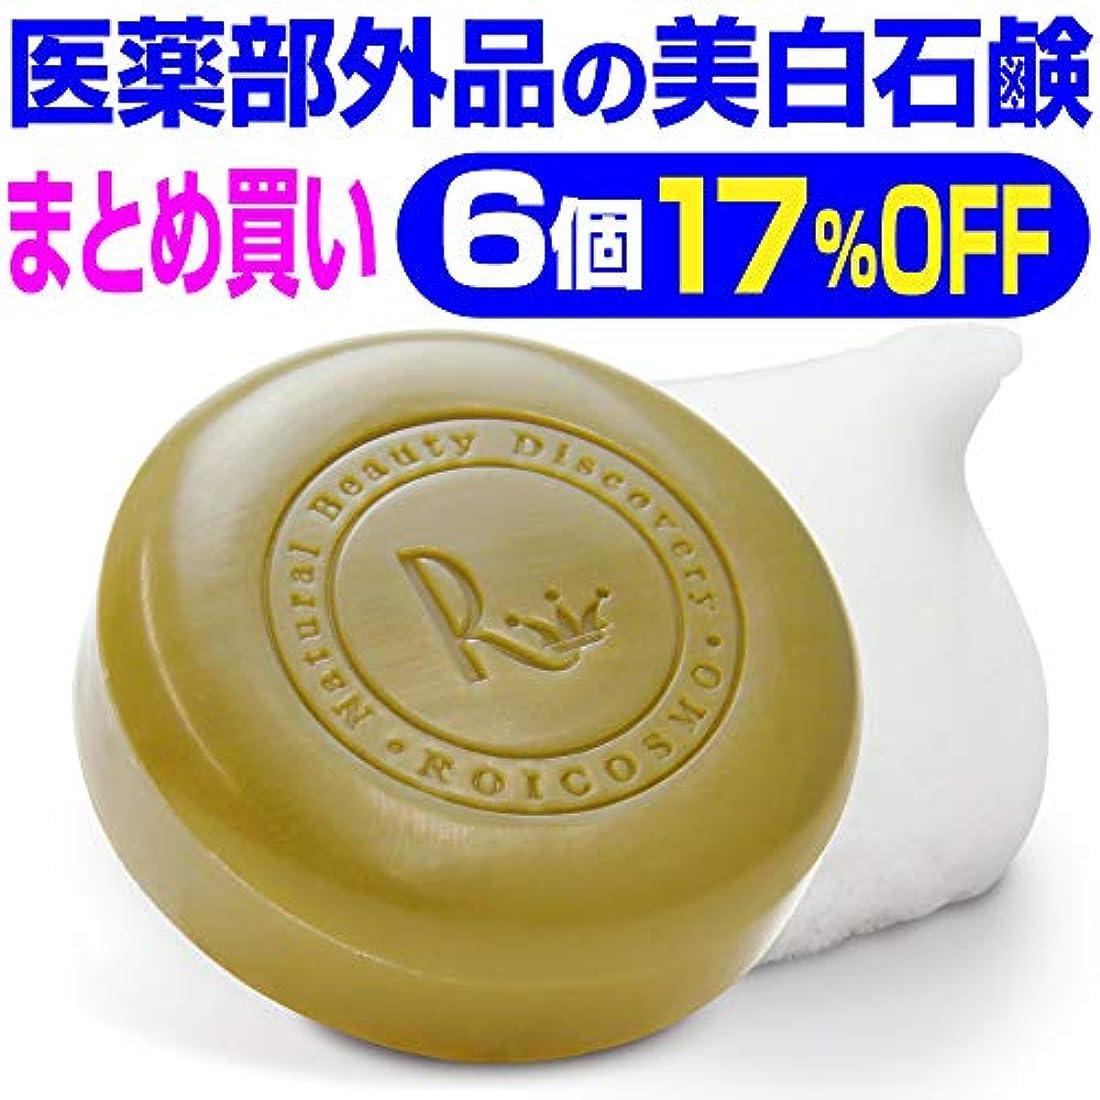 雄弁ウェブマイル6個まとめ買い17%OFF 美白石鹸/ビタミンC270倍の美白成分配合の 洗顔石鹸『ホワイトソープ100g×6個』